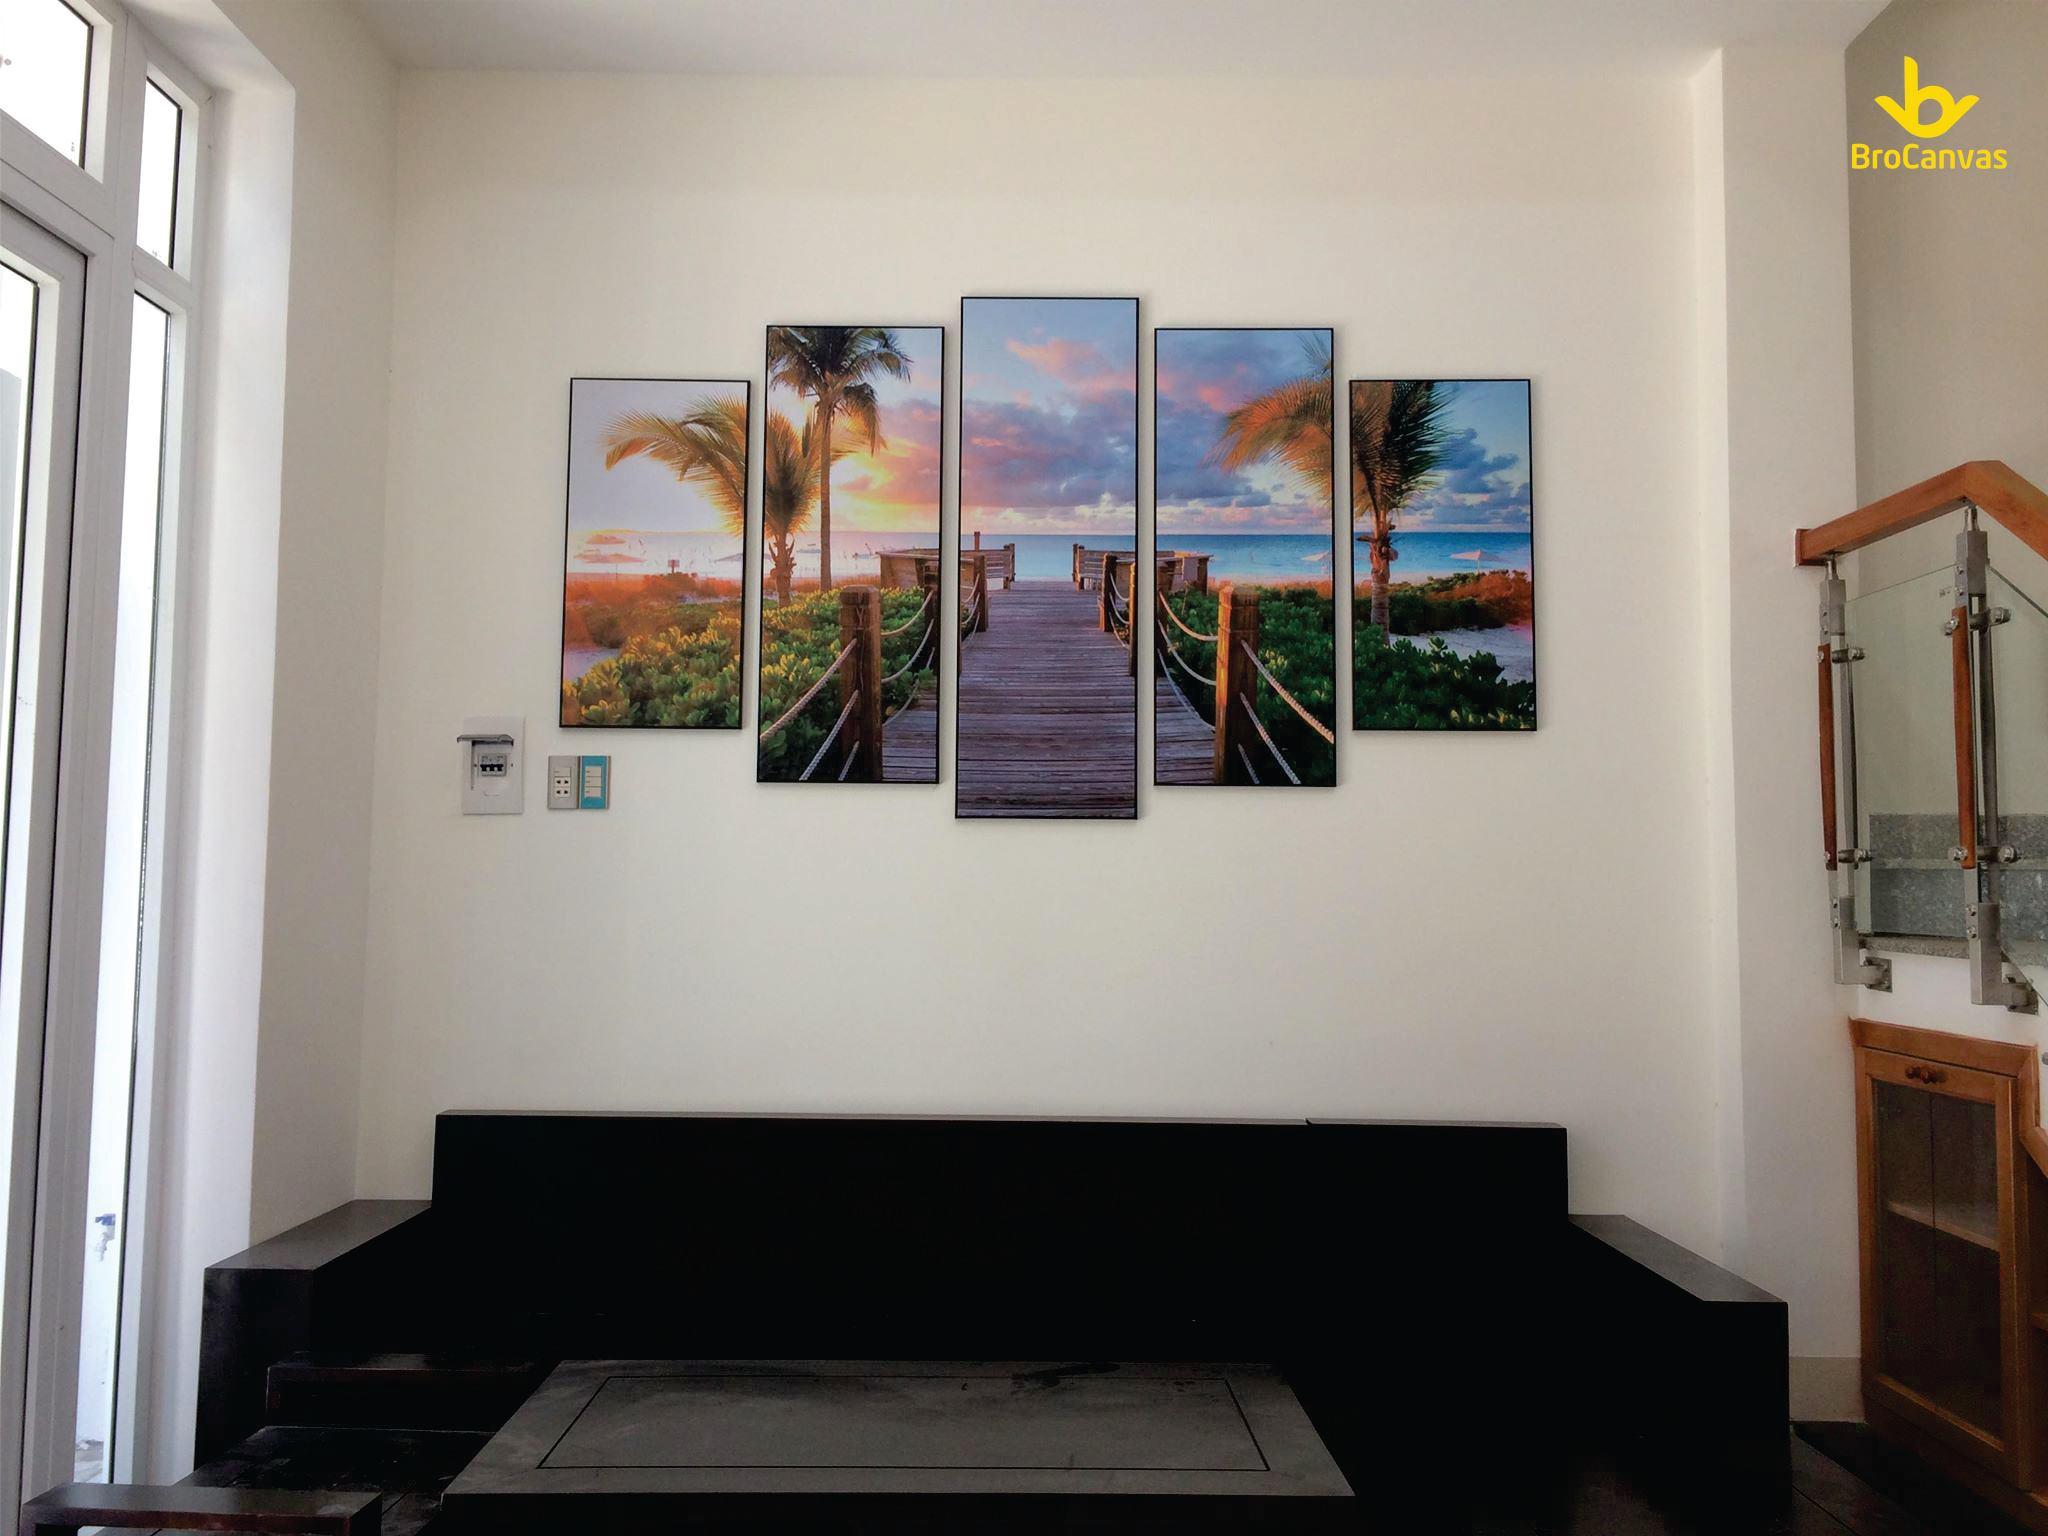 Hướng dẫn cách decor phòng khách cho mọi nhà bằng tranh canvas